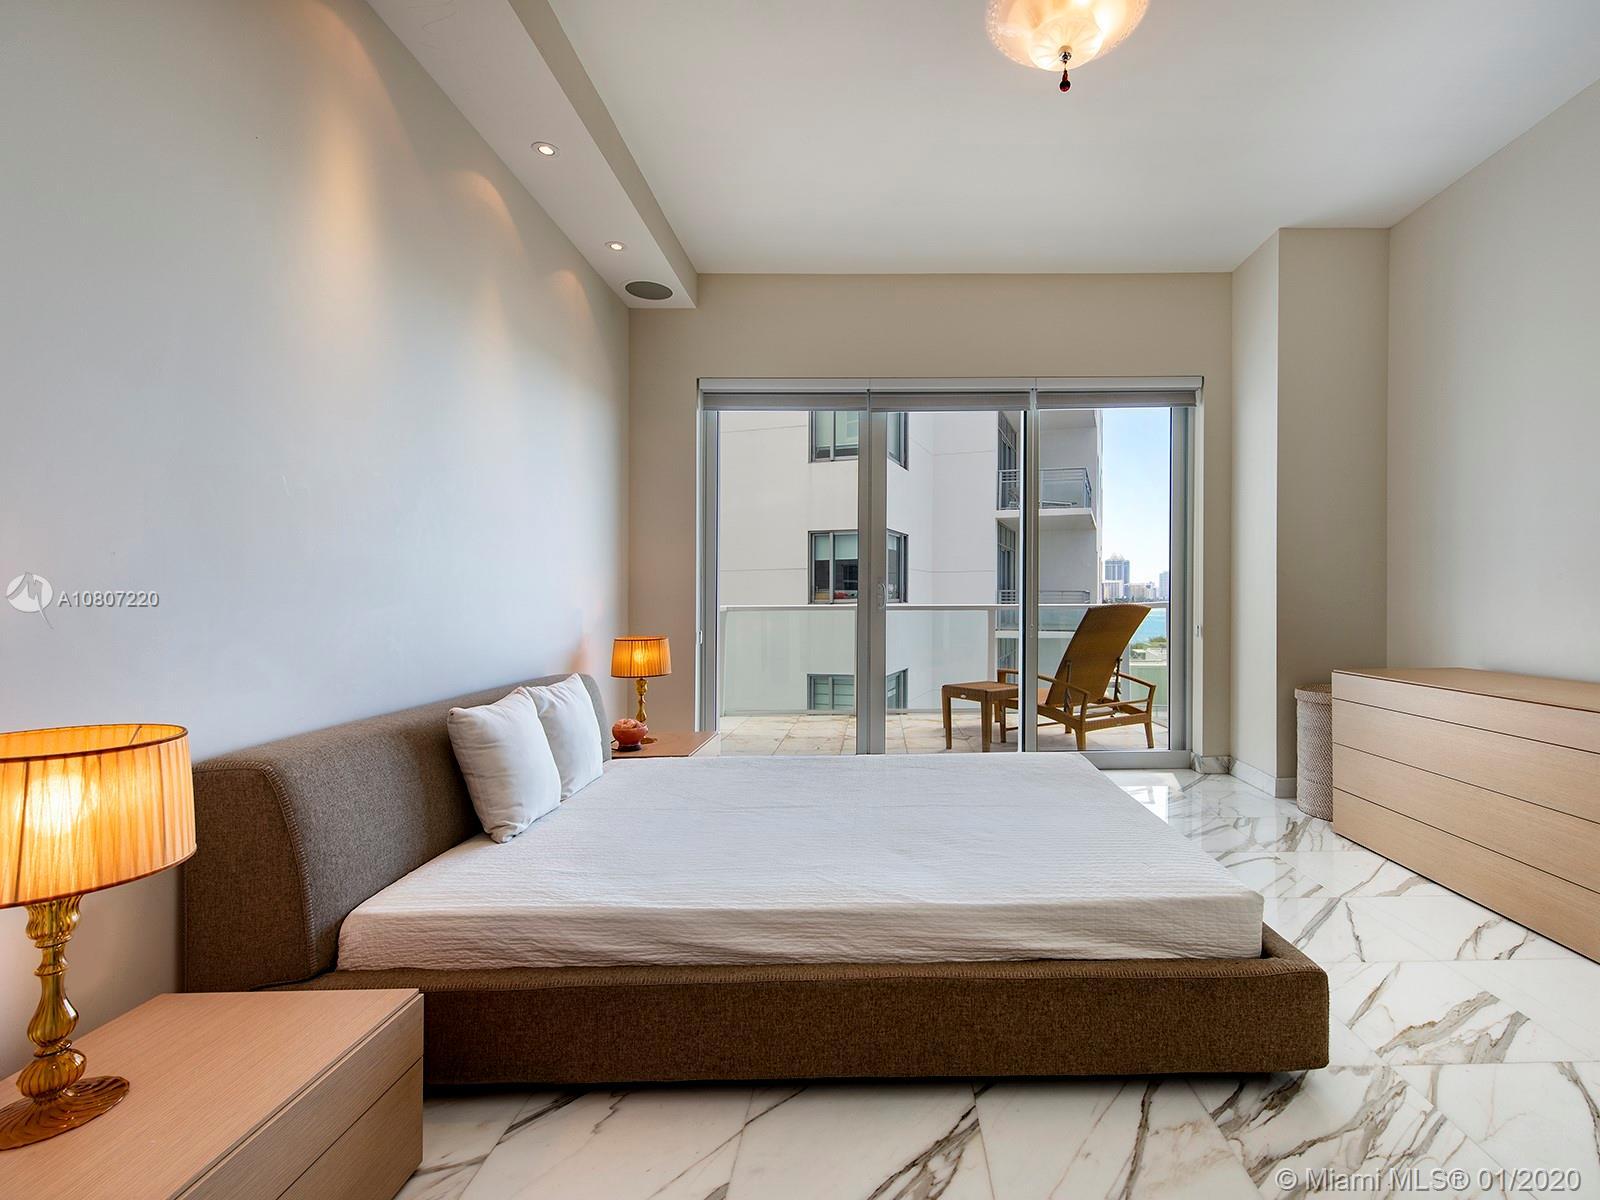 Photo of Spear At Aqua Condo Appartamento 705